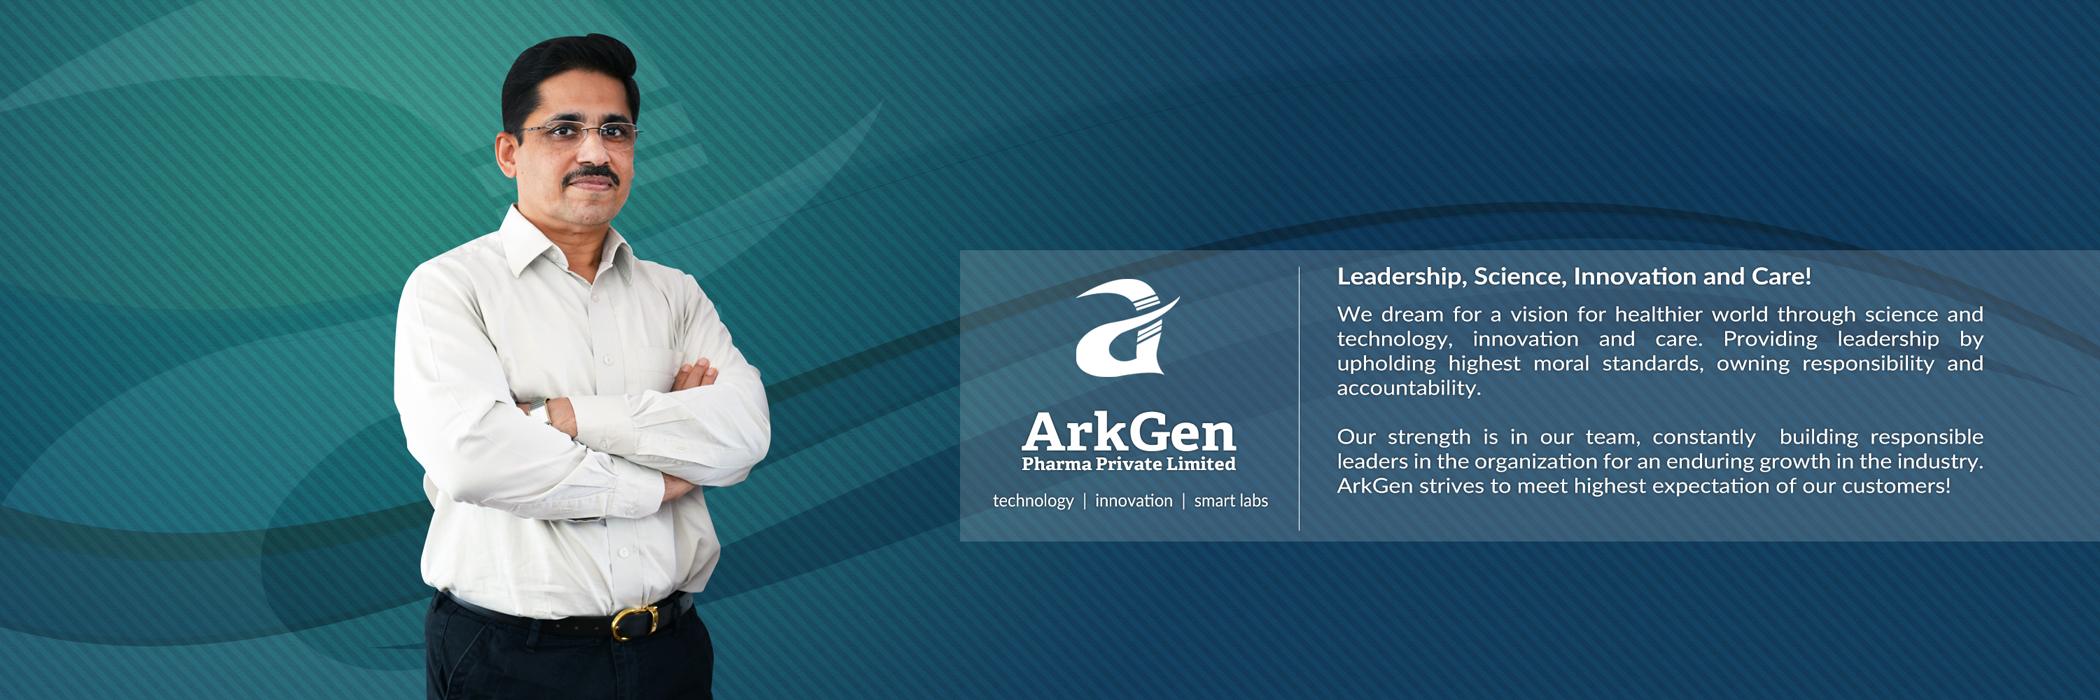 ArkGen-Pharma